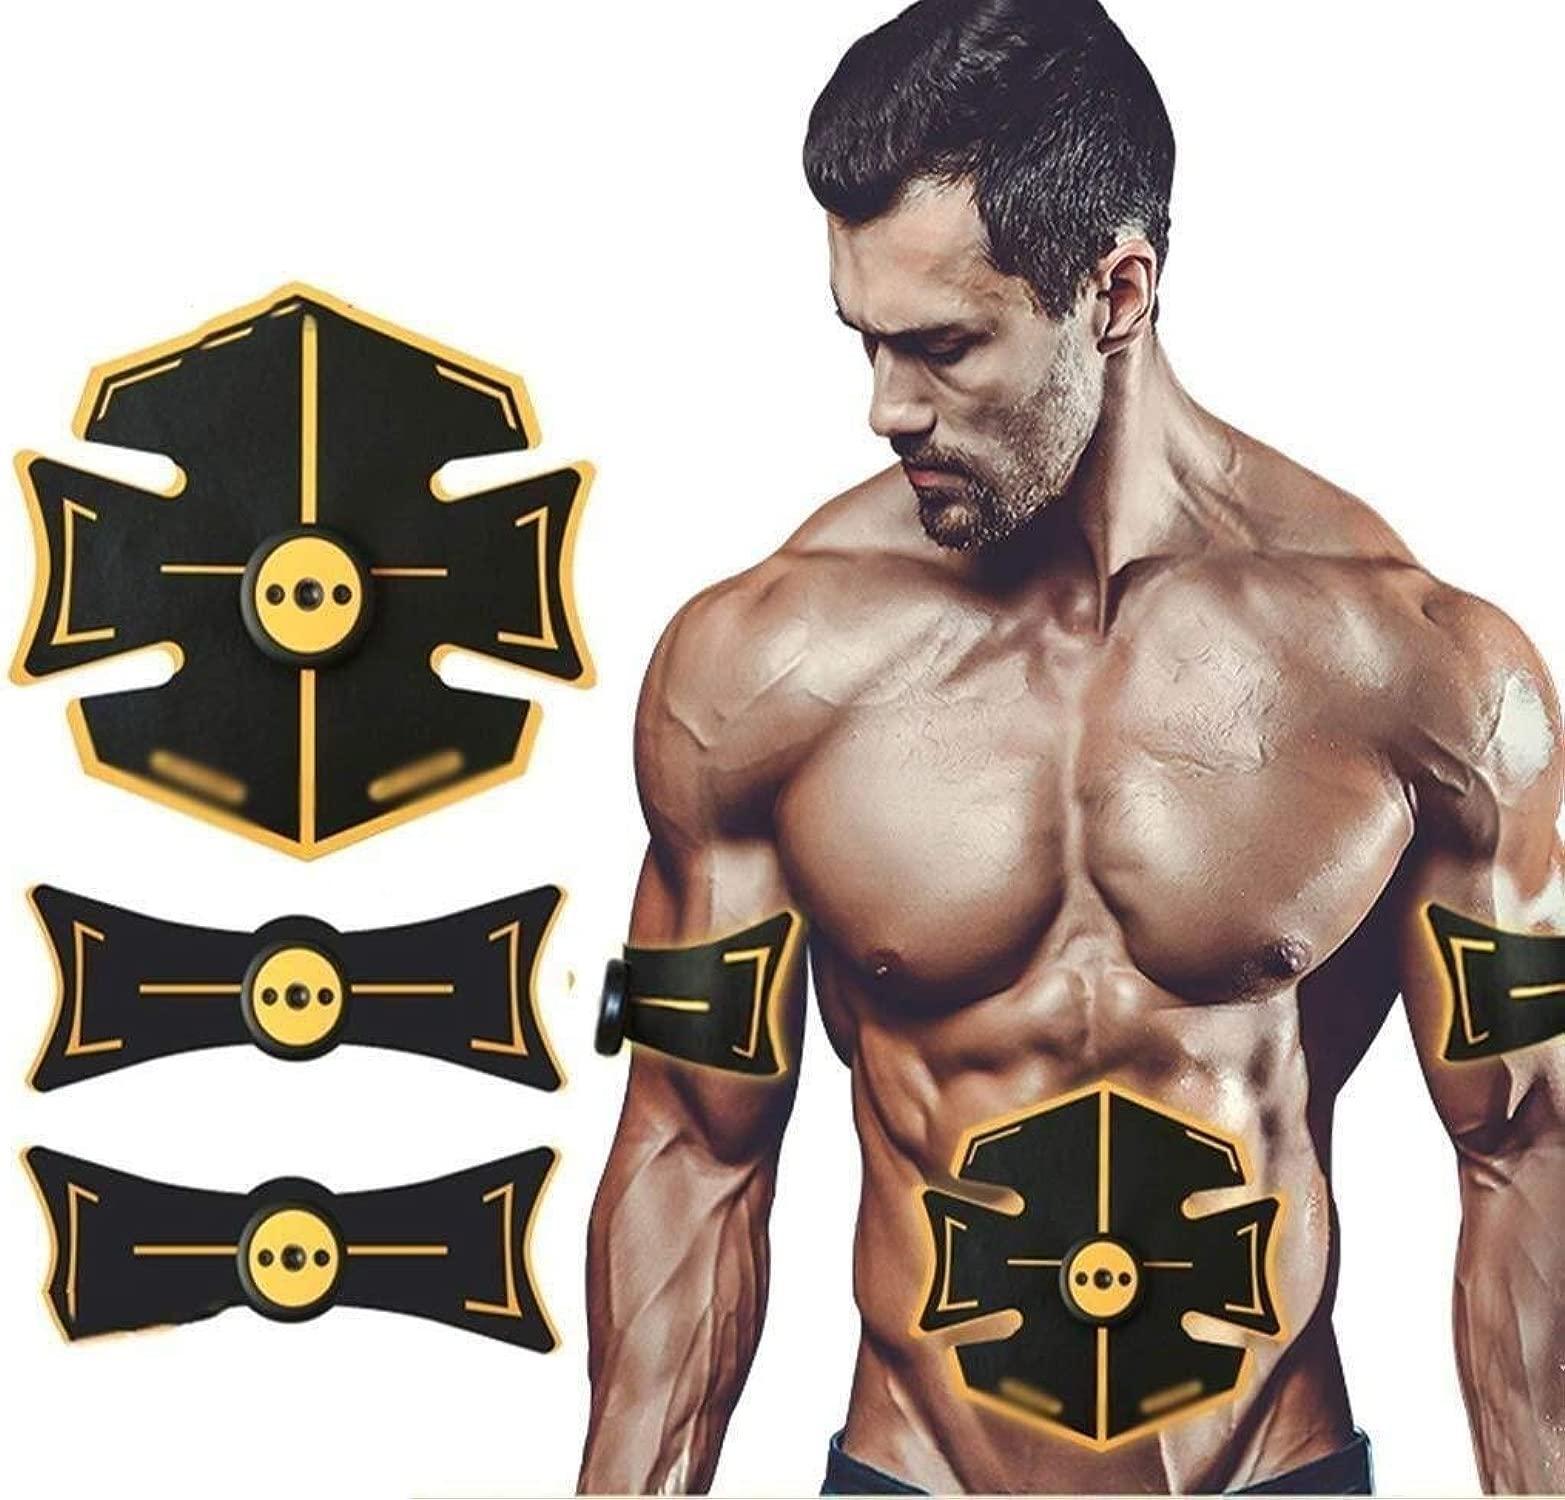 ADLIN Bauchmuskel Fitness Instrument intelligente Abdomen Faule Startseite USB-Ladebauch Bauch Bauch Muskeltraining Fitnessgeräte einfügen Massagegürtel